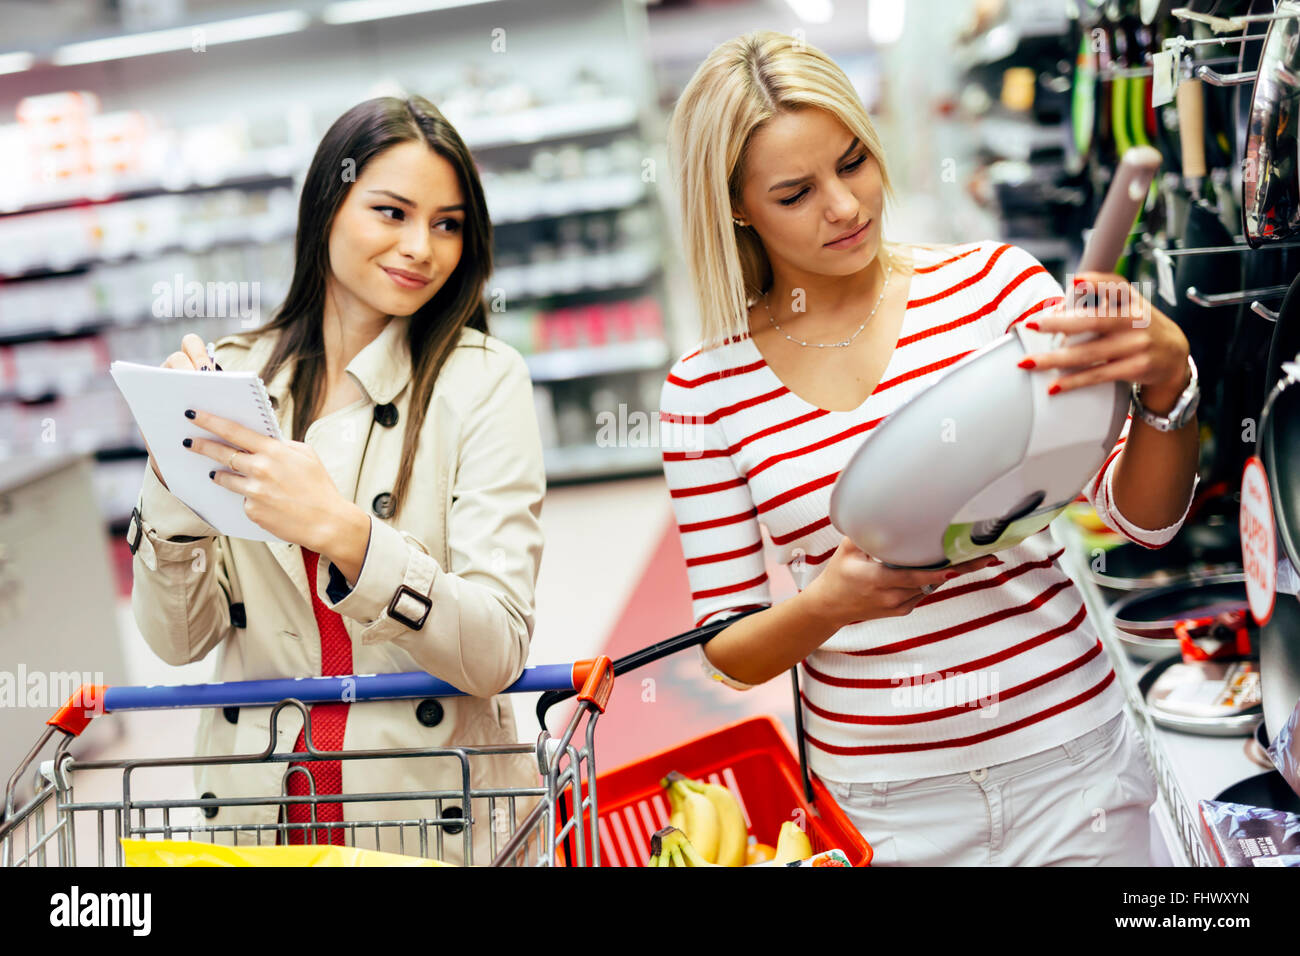 Las mujeres de compras en el supermercado utensilios Imagen De Stock